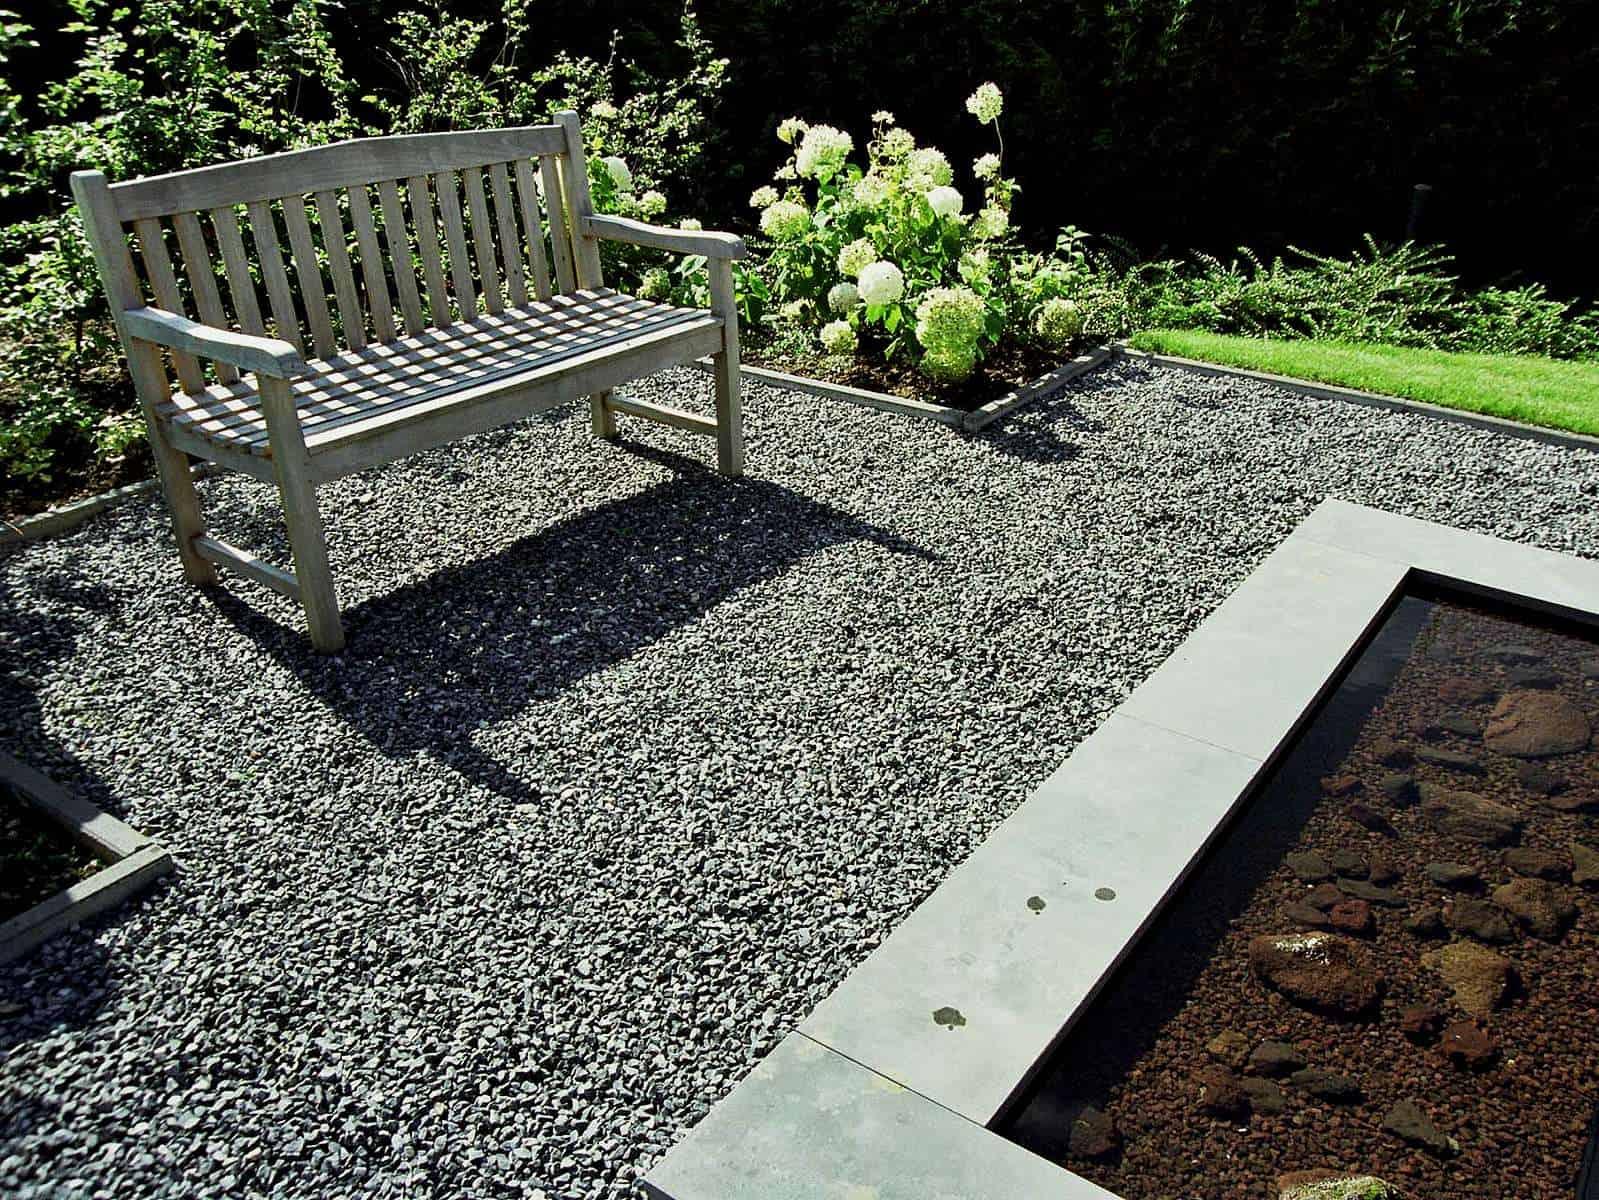 Splittfläche mit Sitzbank am Wasser. Einfache, moderne und grandlinige Gartengestaltung mit Naturstein.